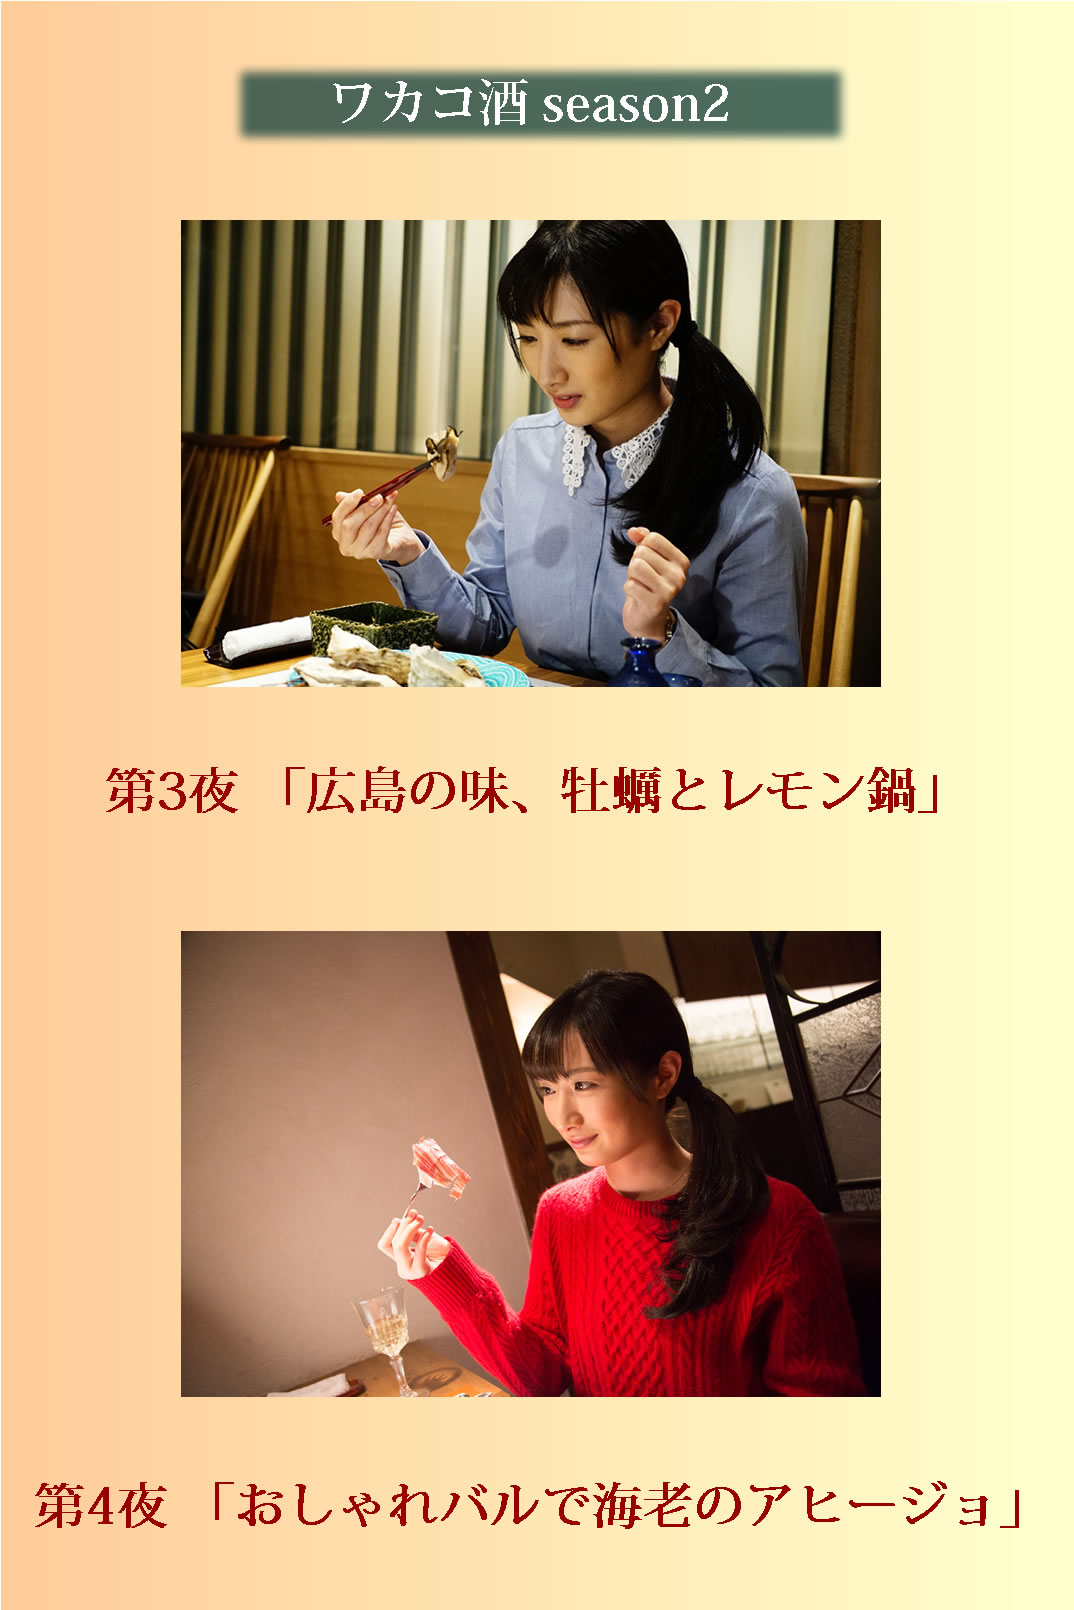 ワカコ酒 Season2第3夜「広島の味、牡蠣とレモン鍋」 第4夜「おしゃれバルで、海老のアヒージョ」